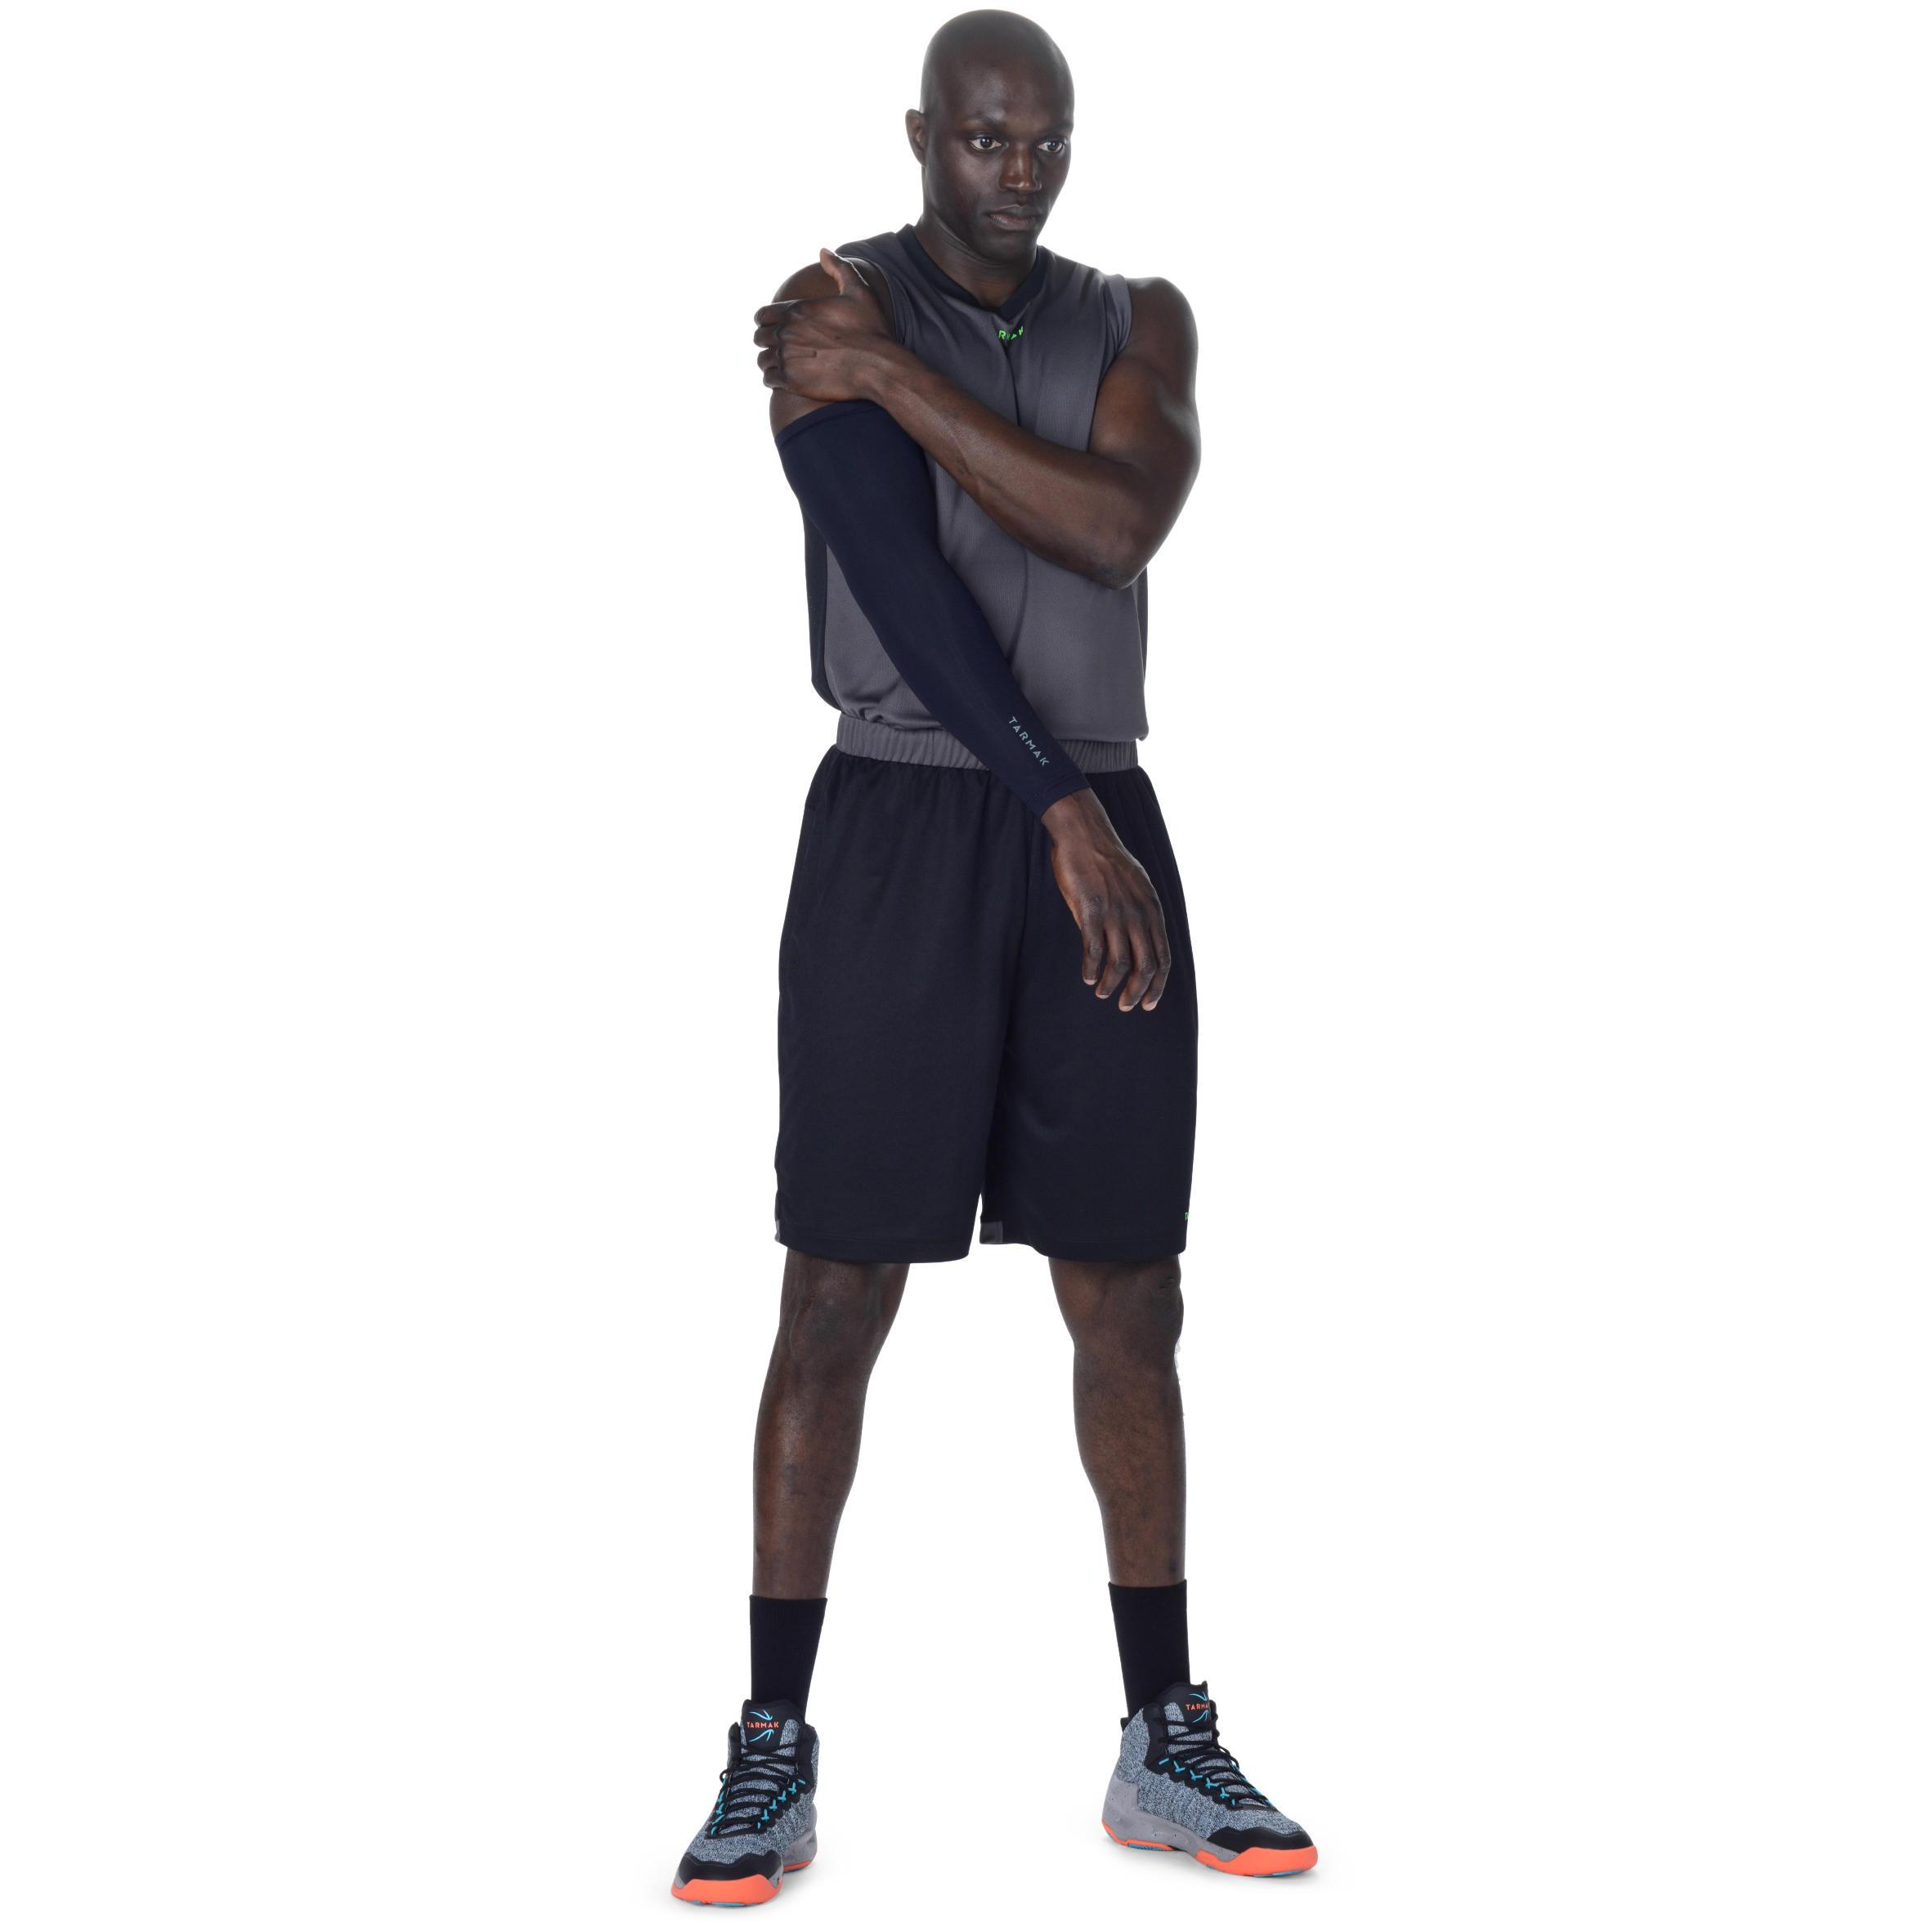 Intermediate Unisex Basketball Arm Sleeve - Black